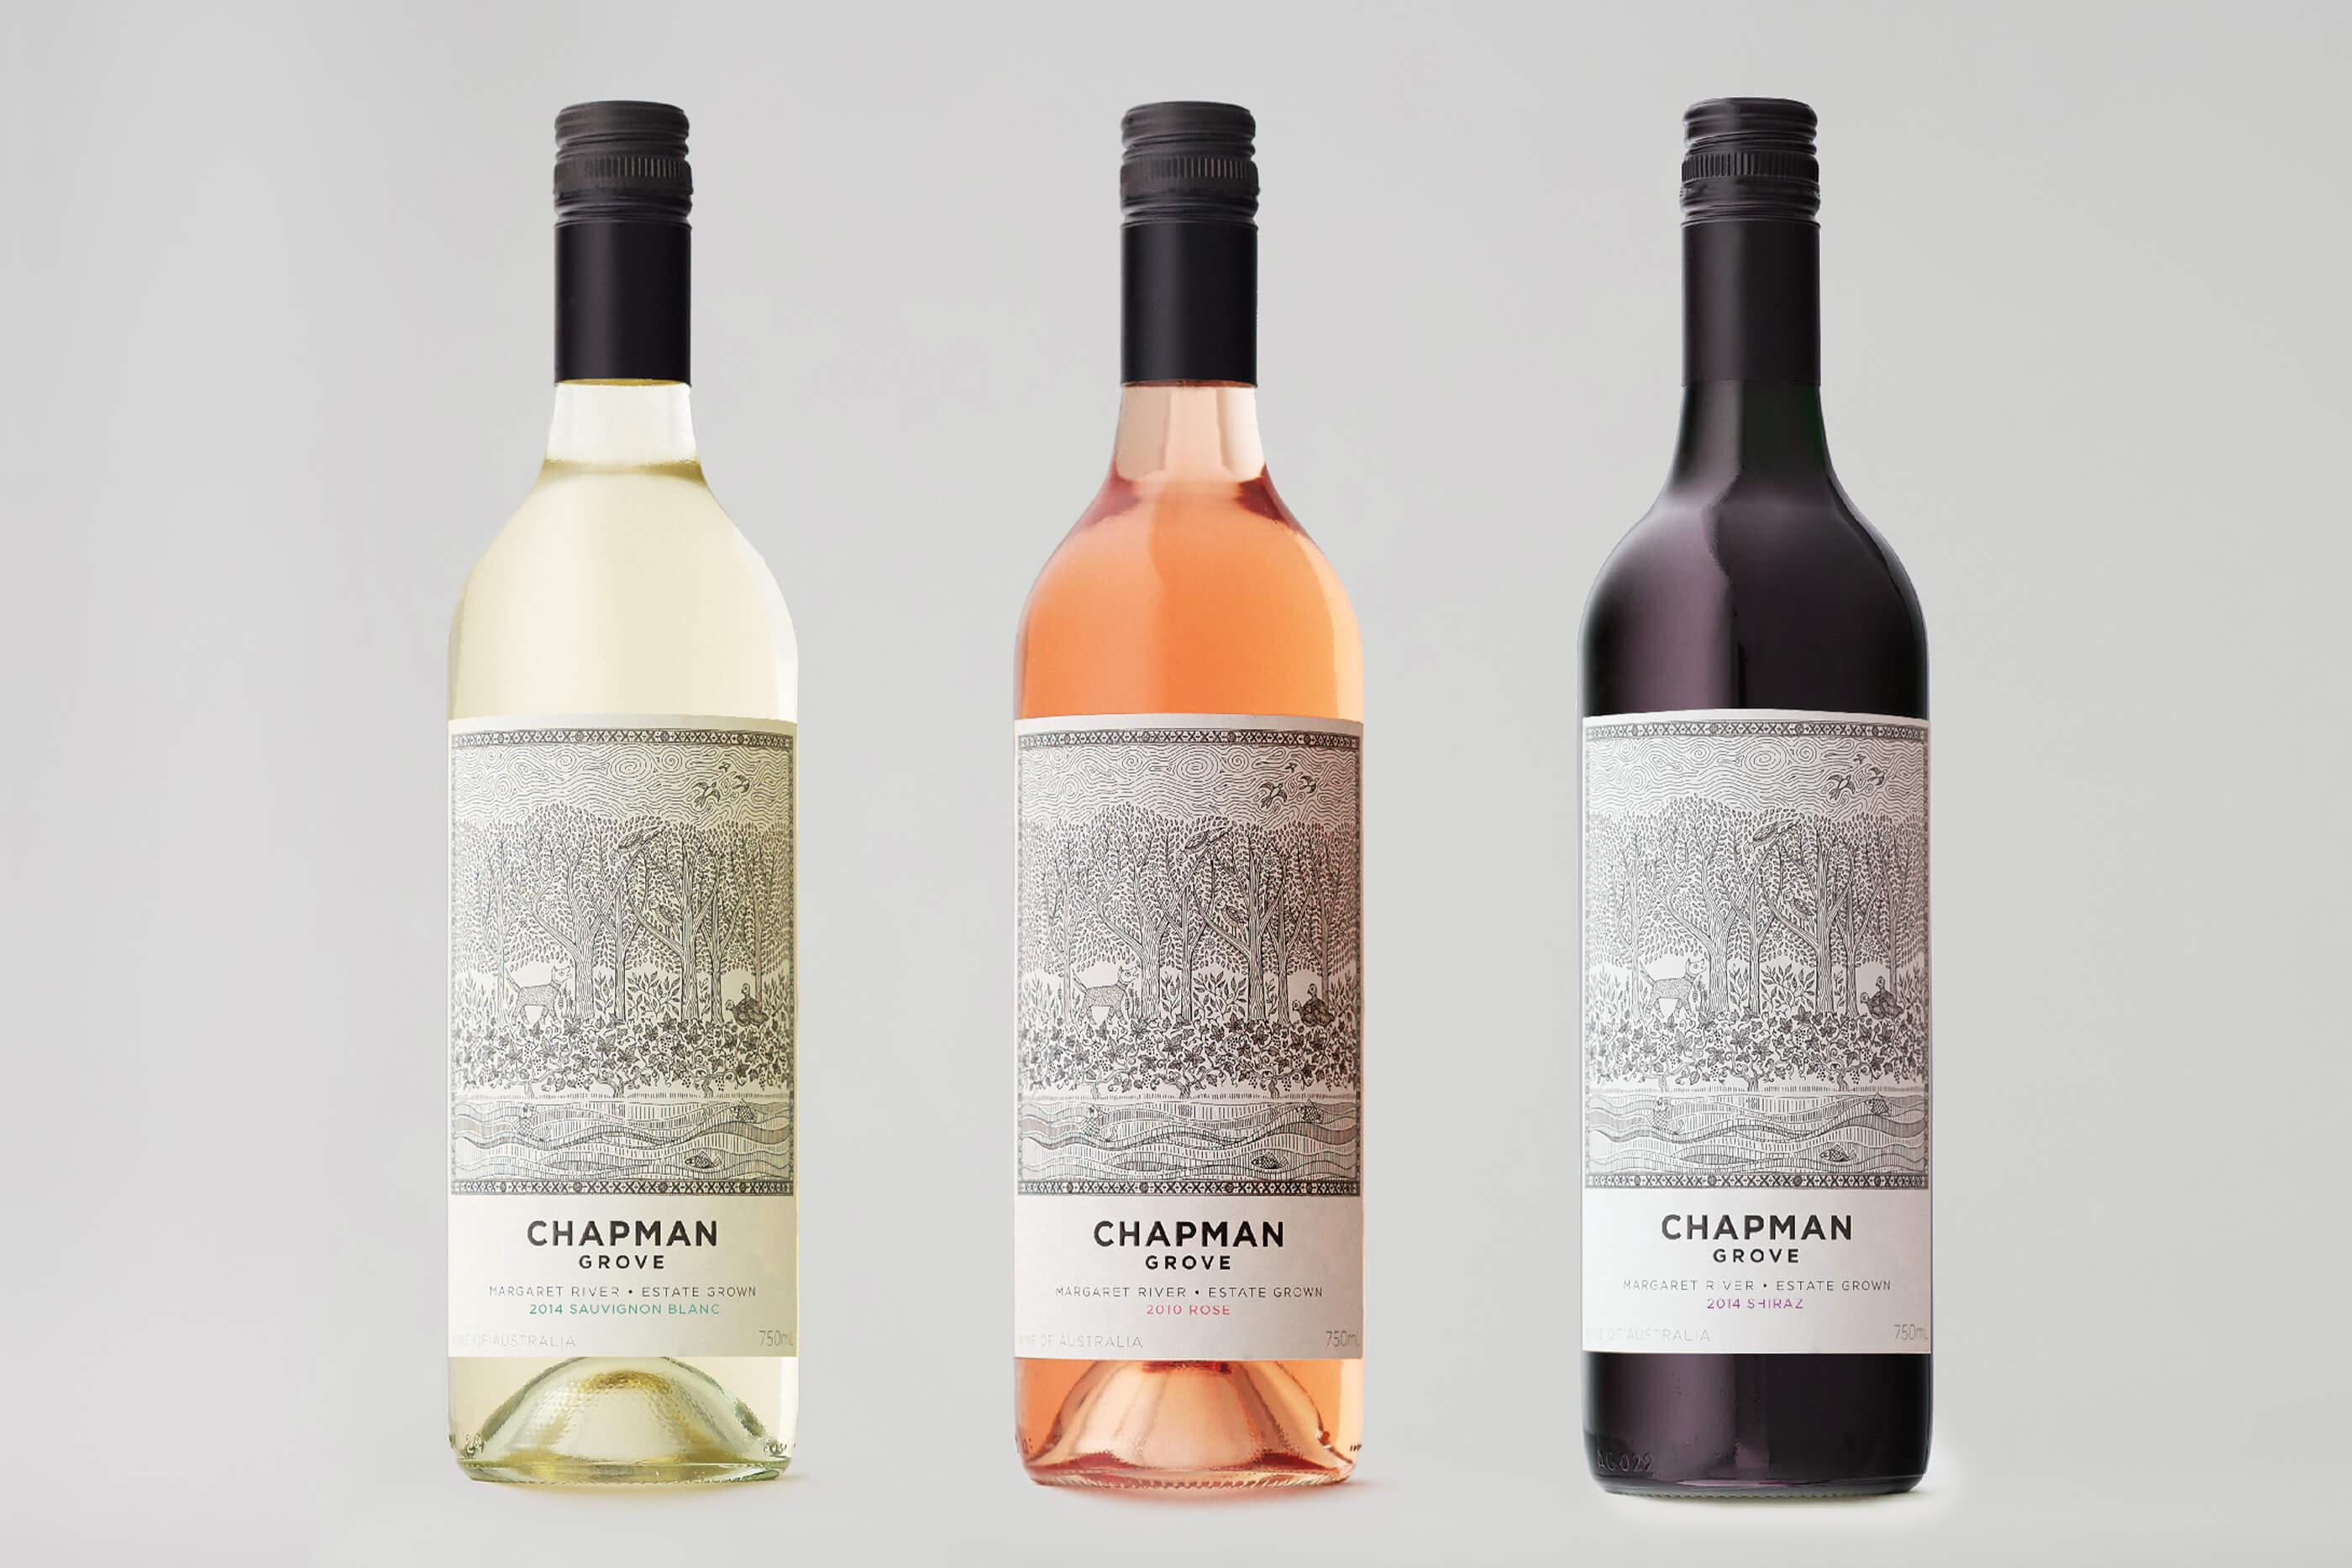 chapman_grove_3_bottles